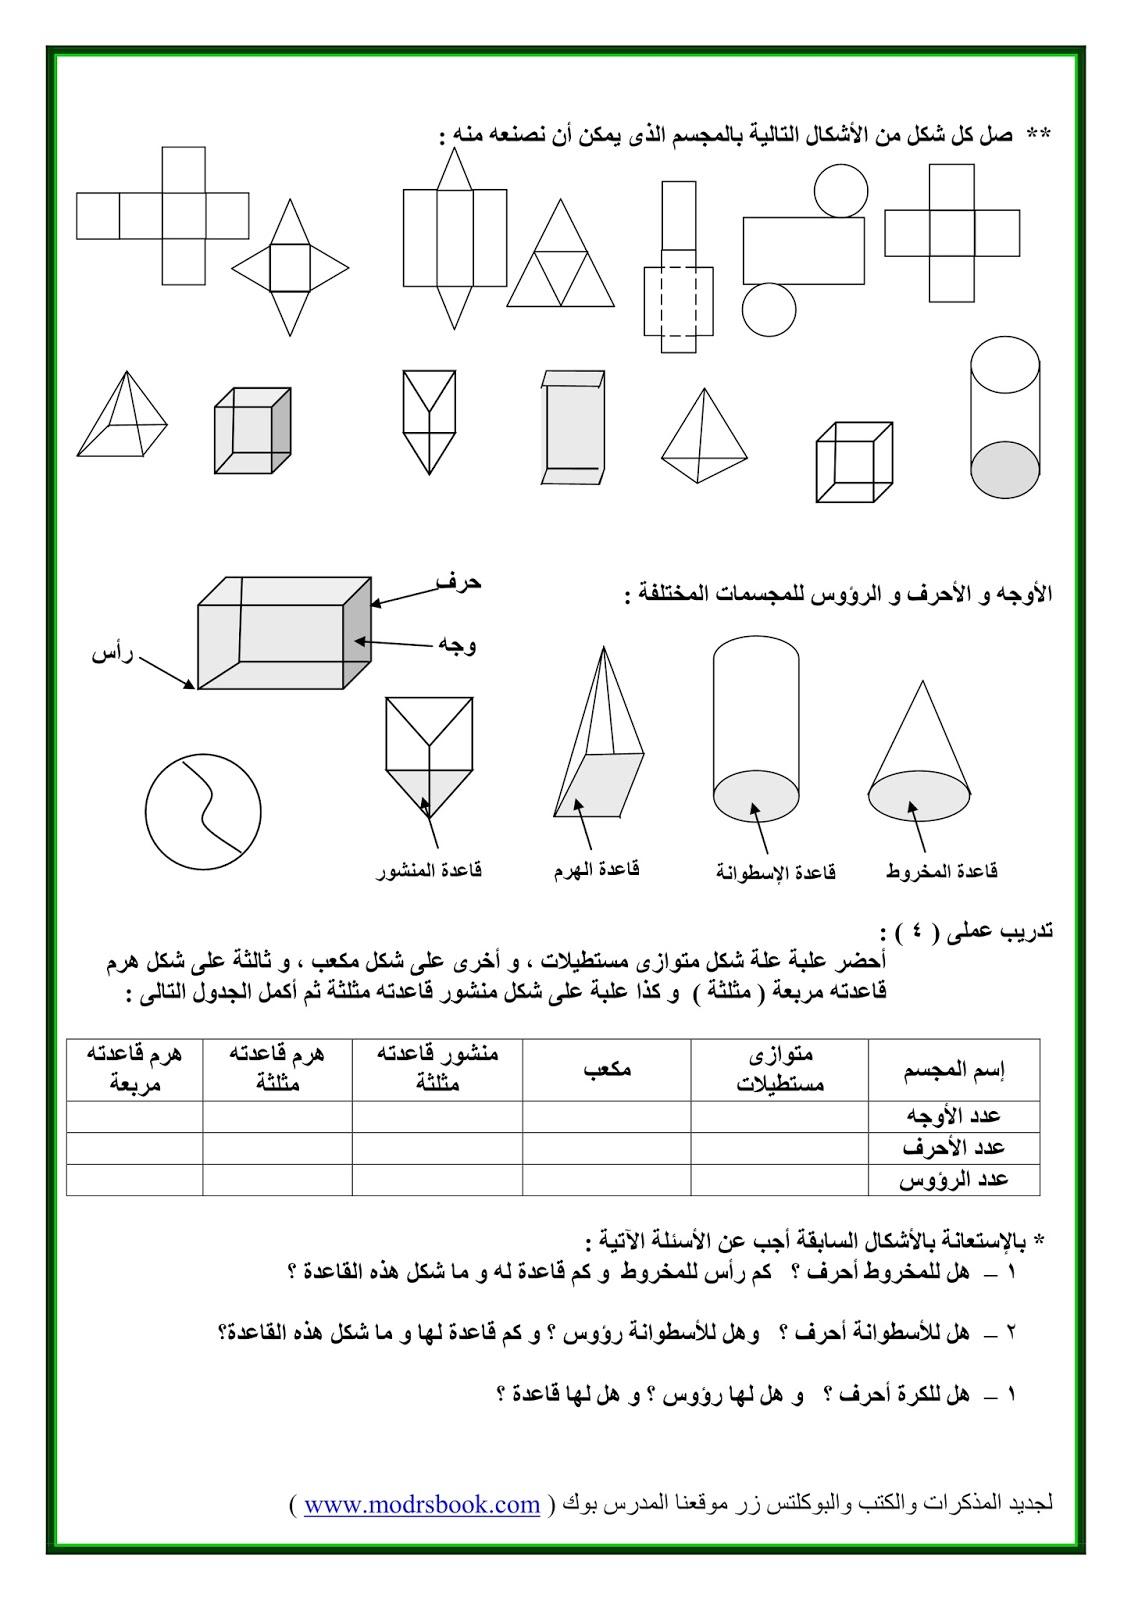 تحميل كتاب العلوم للصف الثالث الابتدائي pdf الاردن